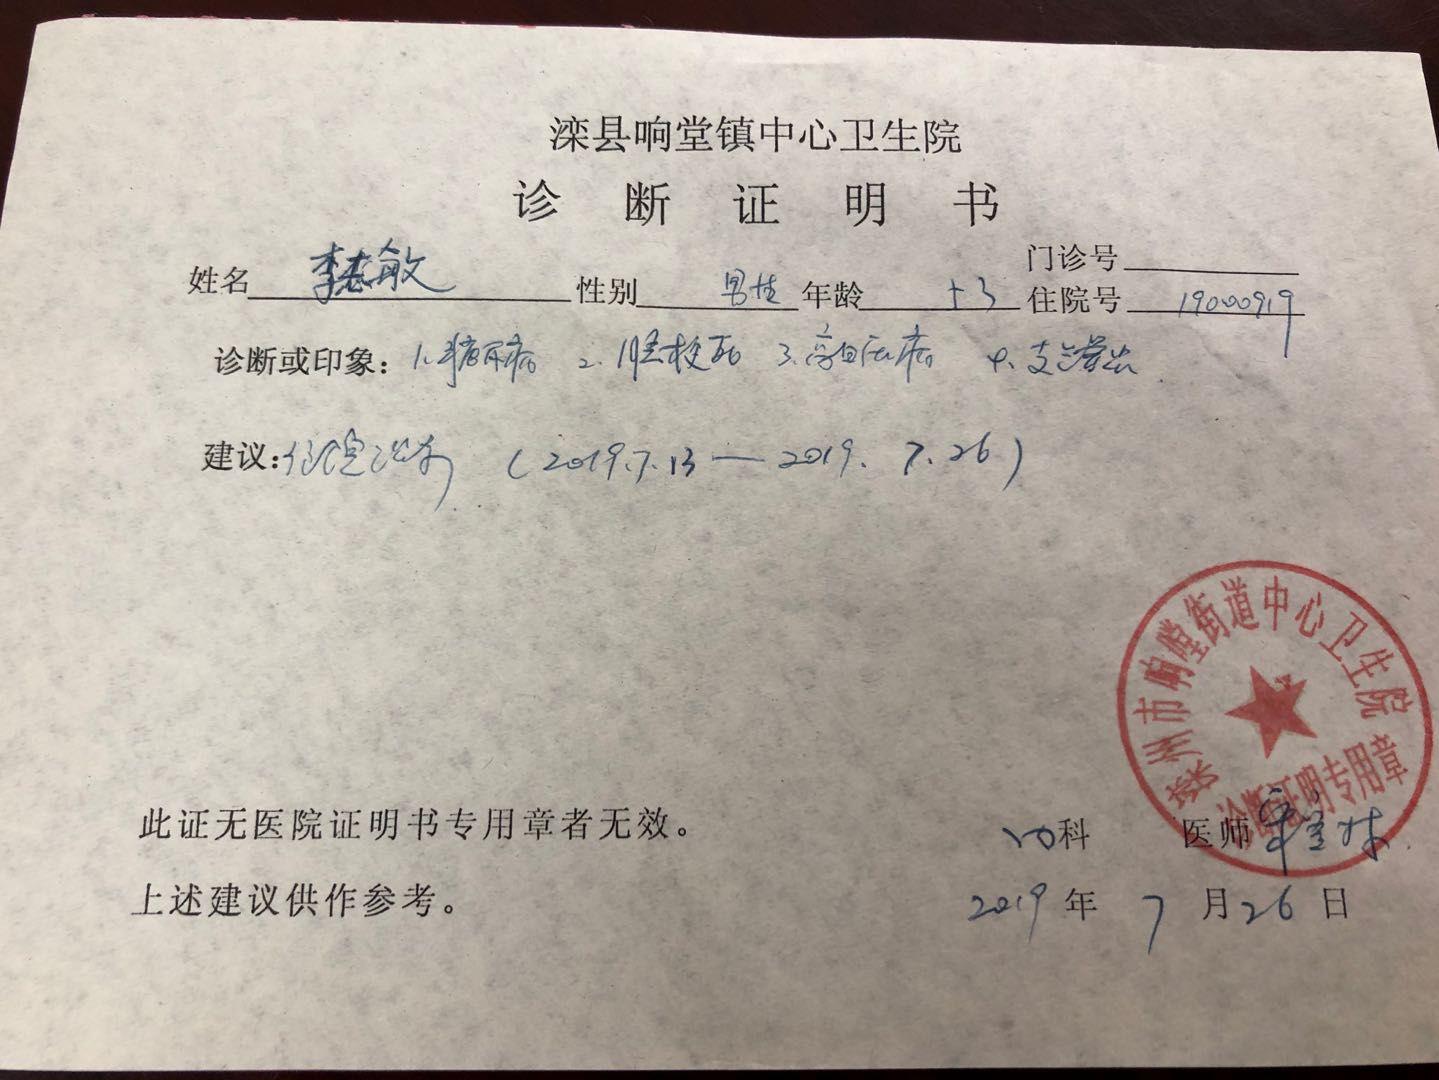 """河北""""举报红人""""改判无罪获释 提起552万国家赔偿"""